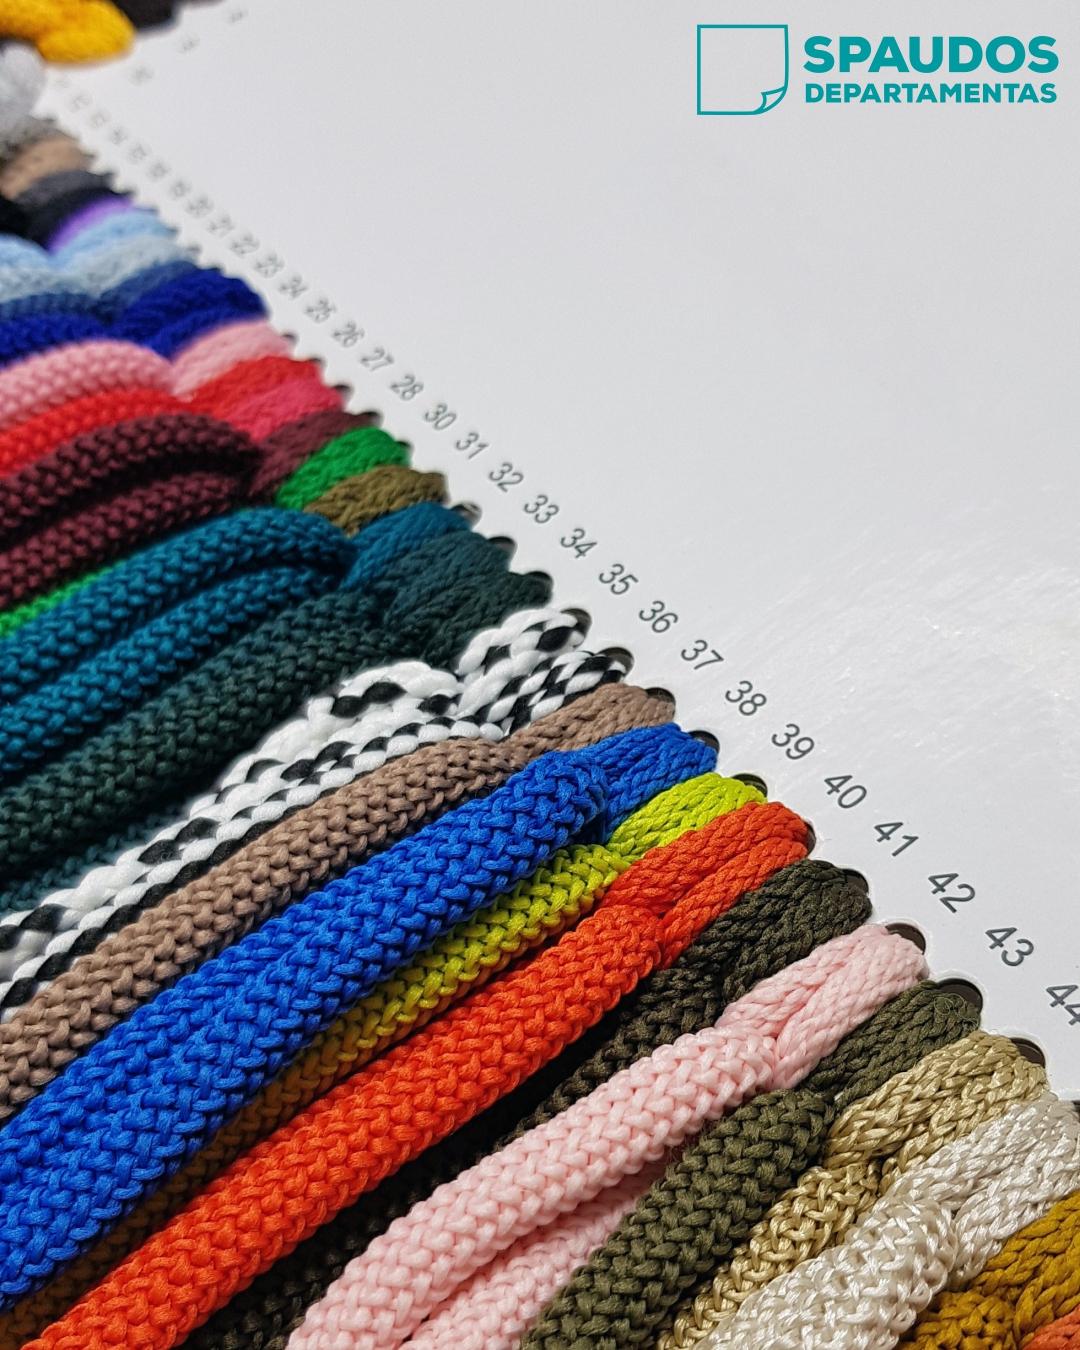 Virvelės popieriniams maišeliams SPAUDOS DEPARTAMENTAS